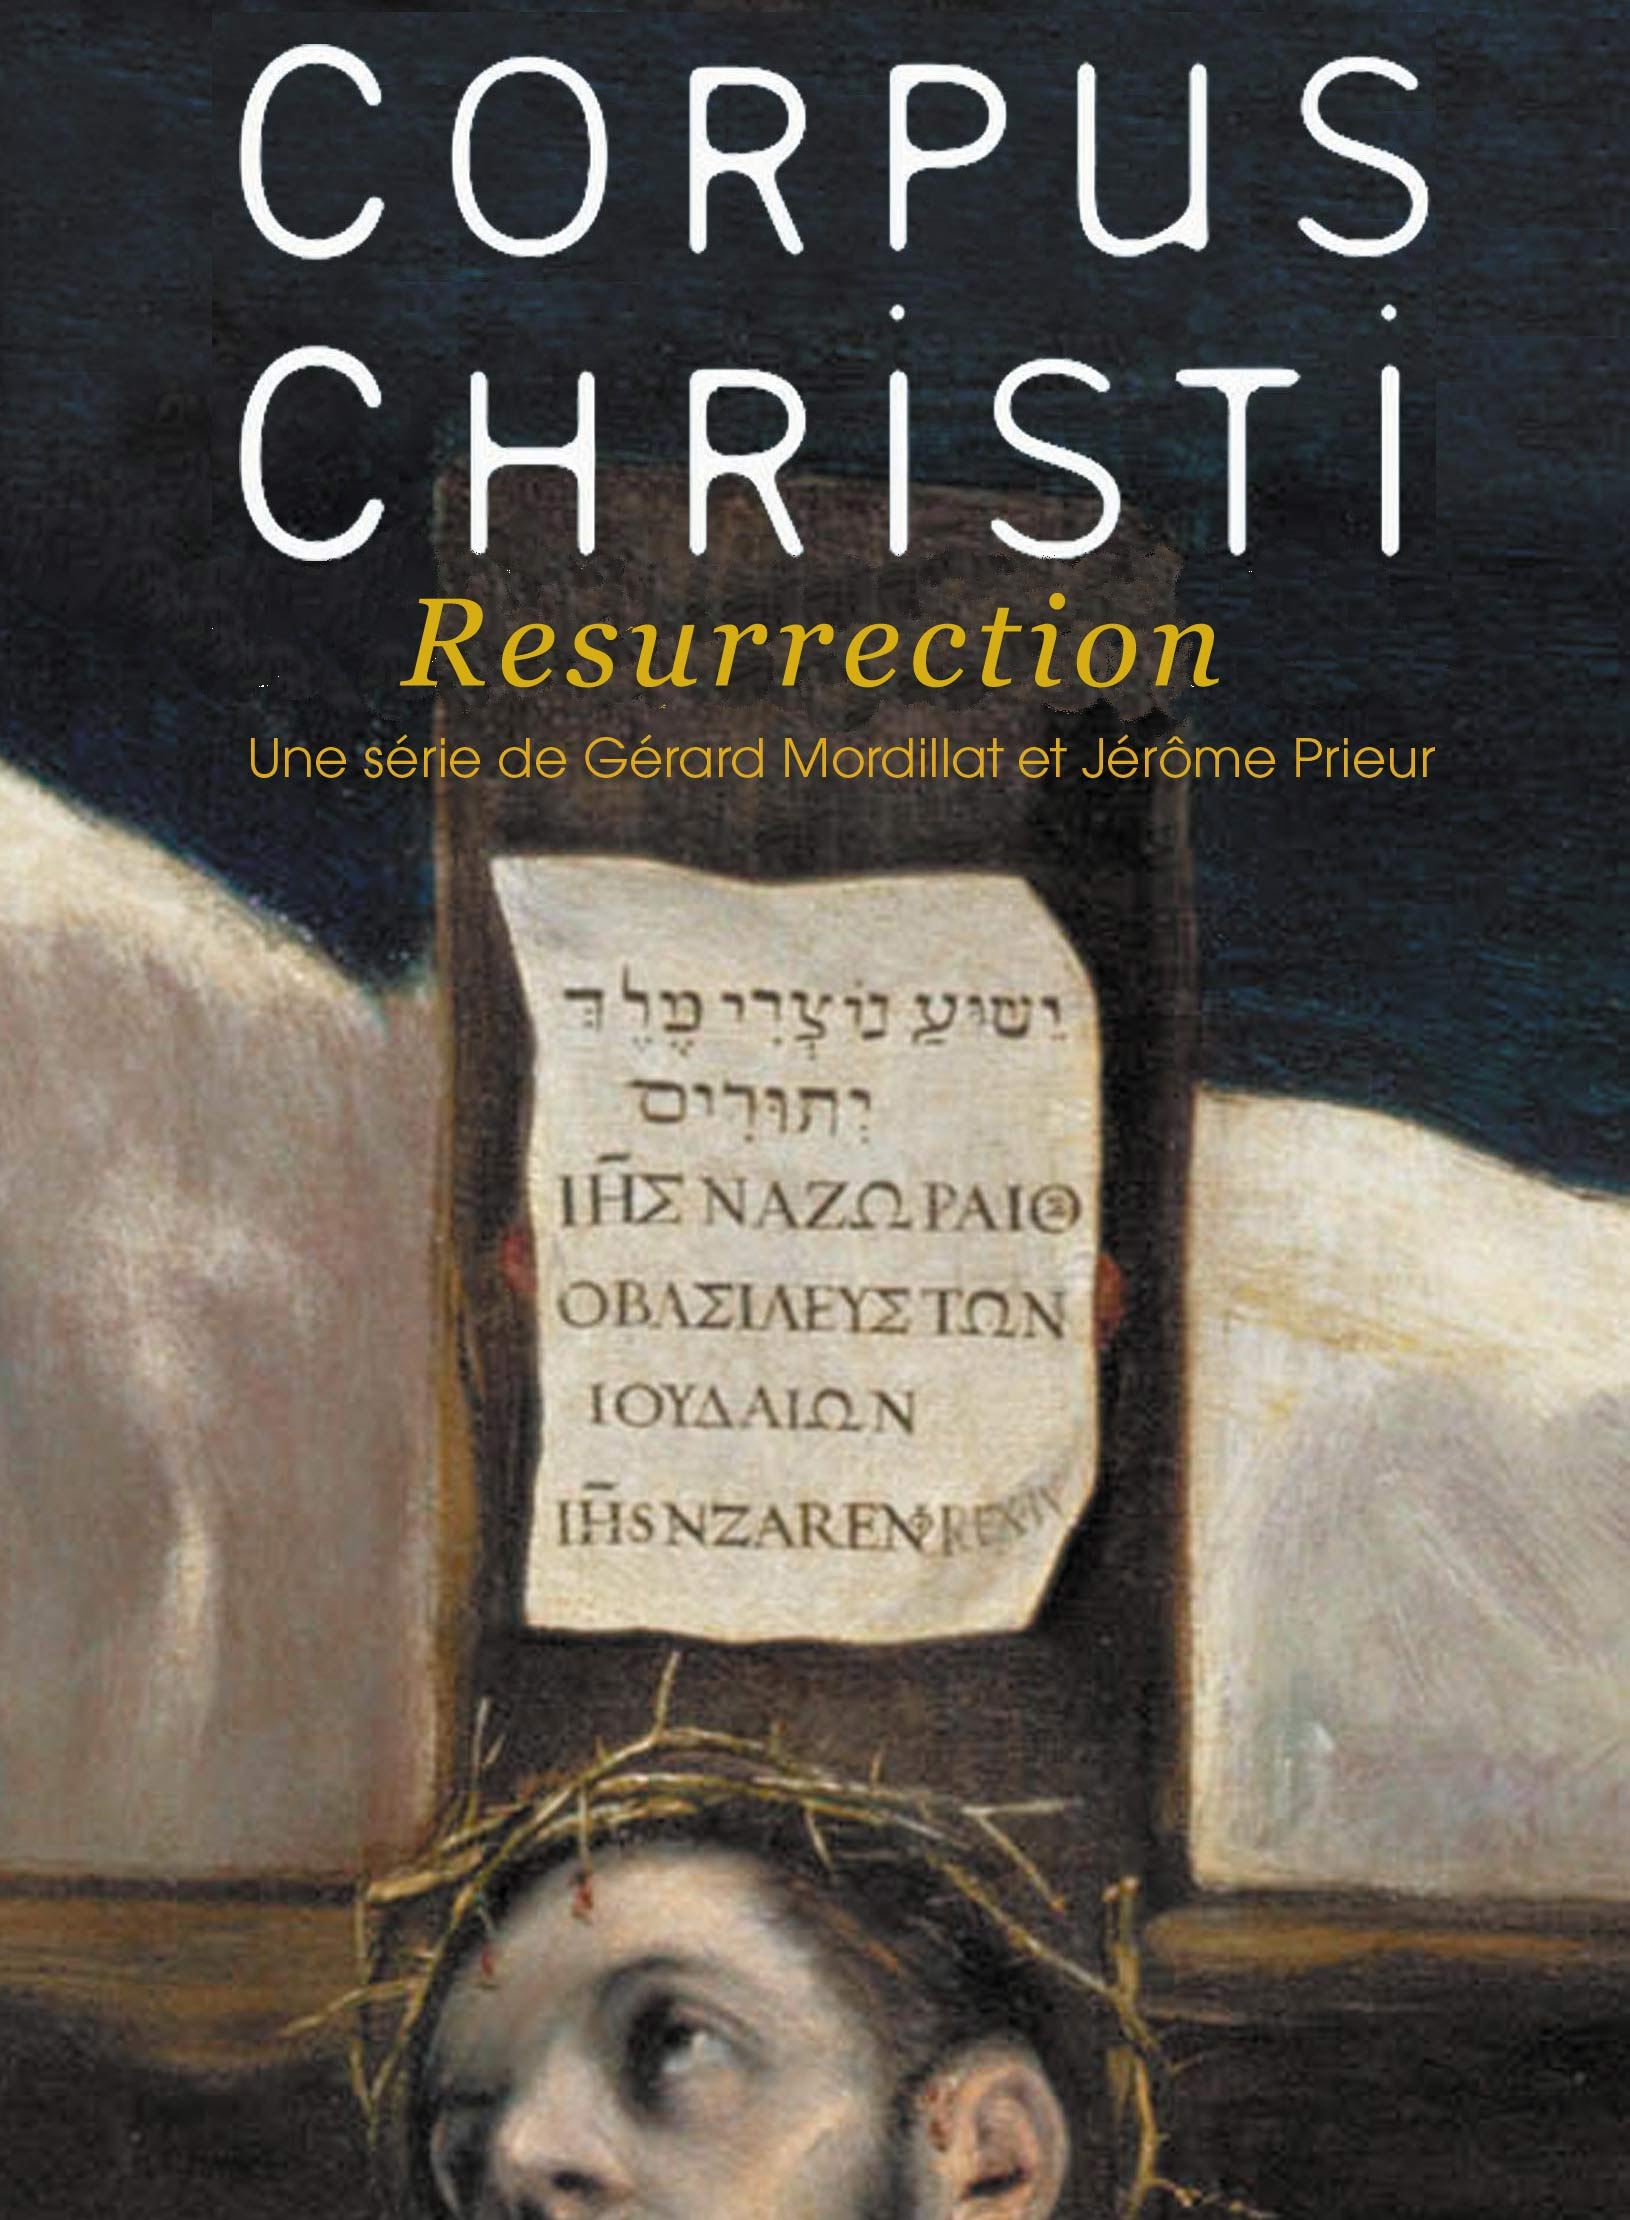 Corpus Christi - Résurrection | Mordillat, Gérard (Réalisateur)